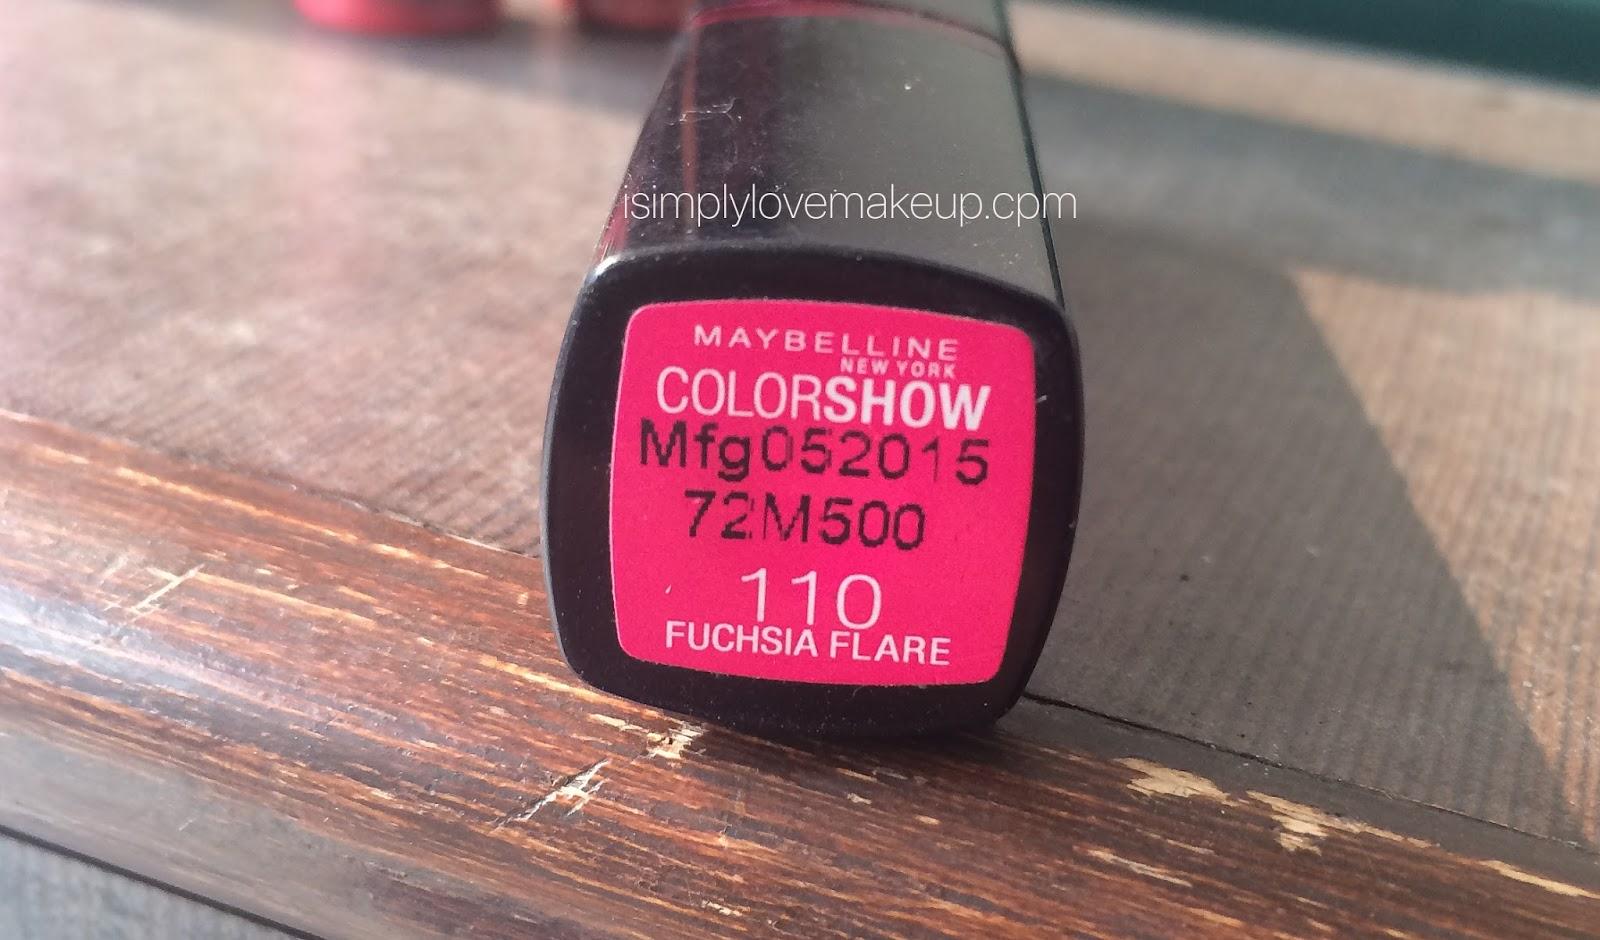 3e90cac78f4 Price of Mayballine Colorshow Lipstick